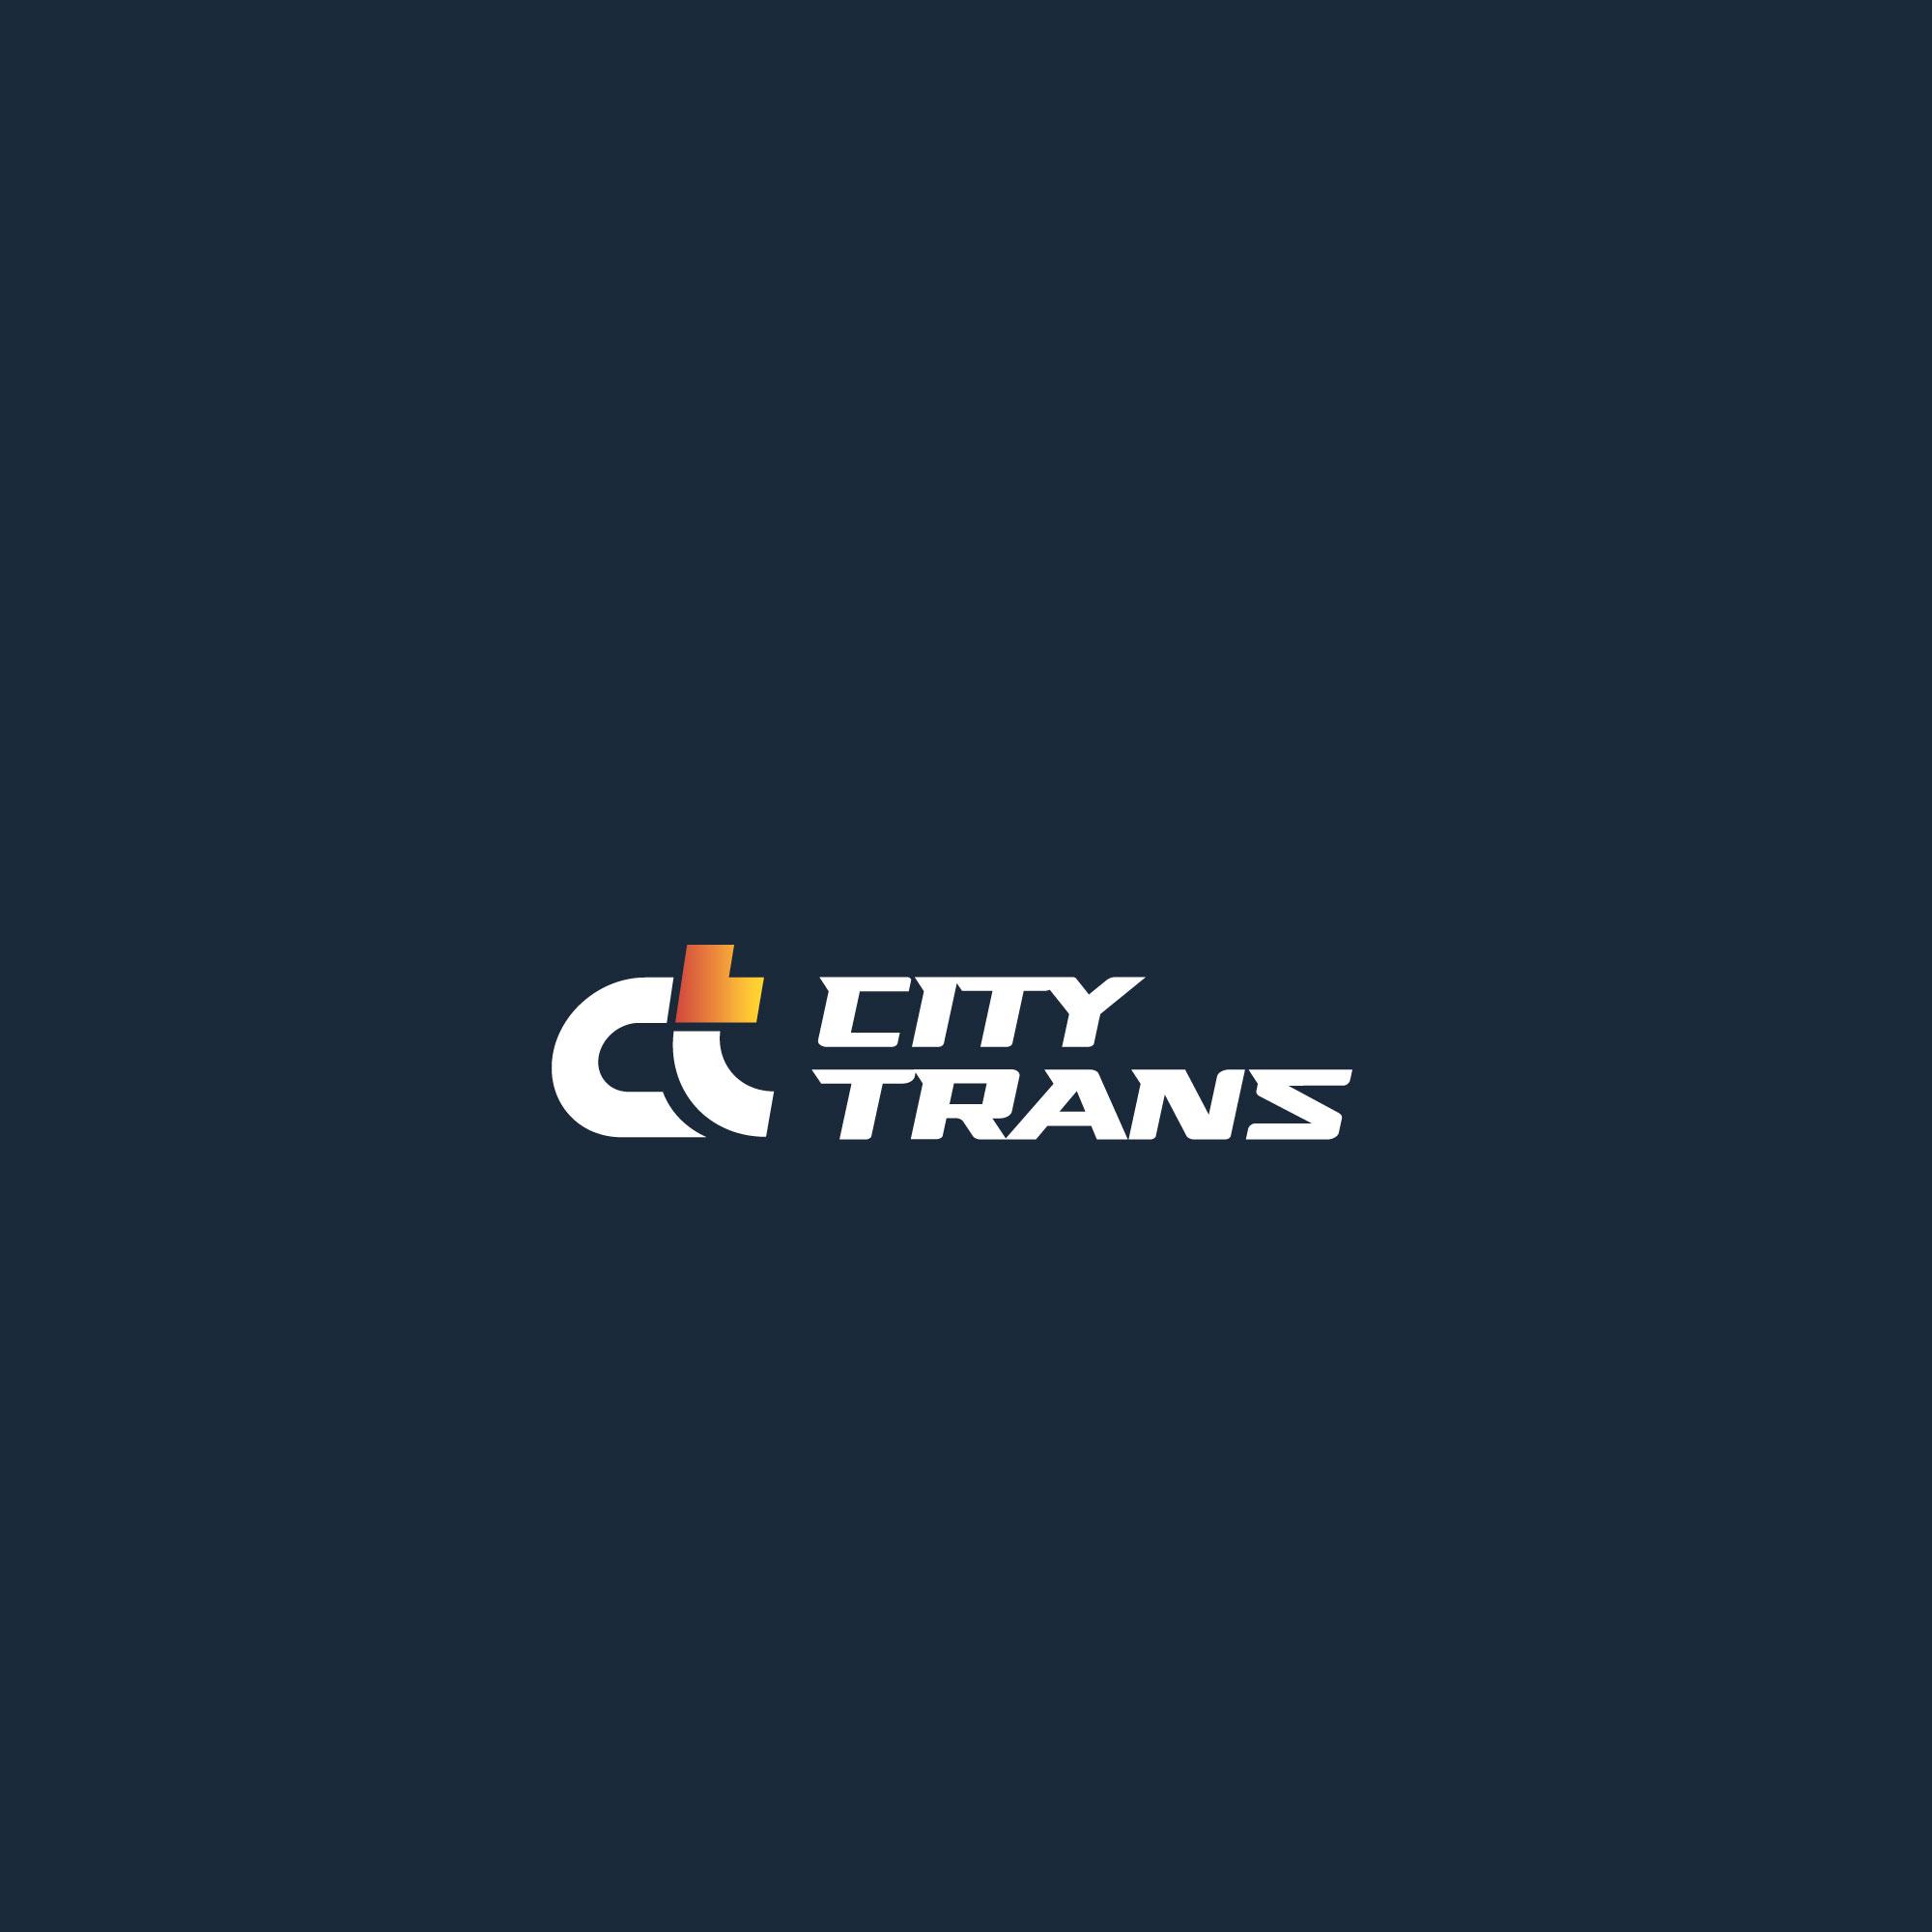 Разработка Логотипа транспортной компании фото f_4955e6f8dfe971e5.jpg